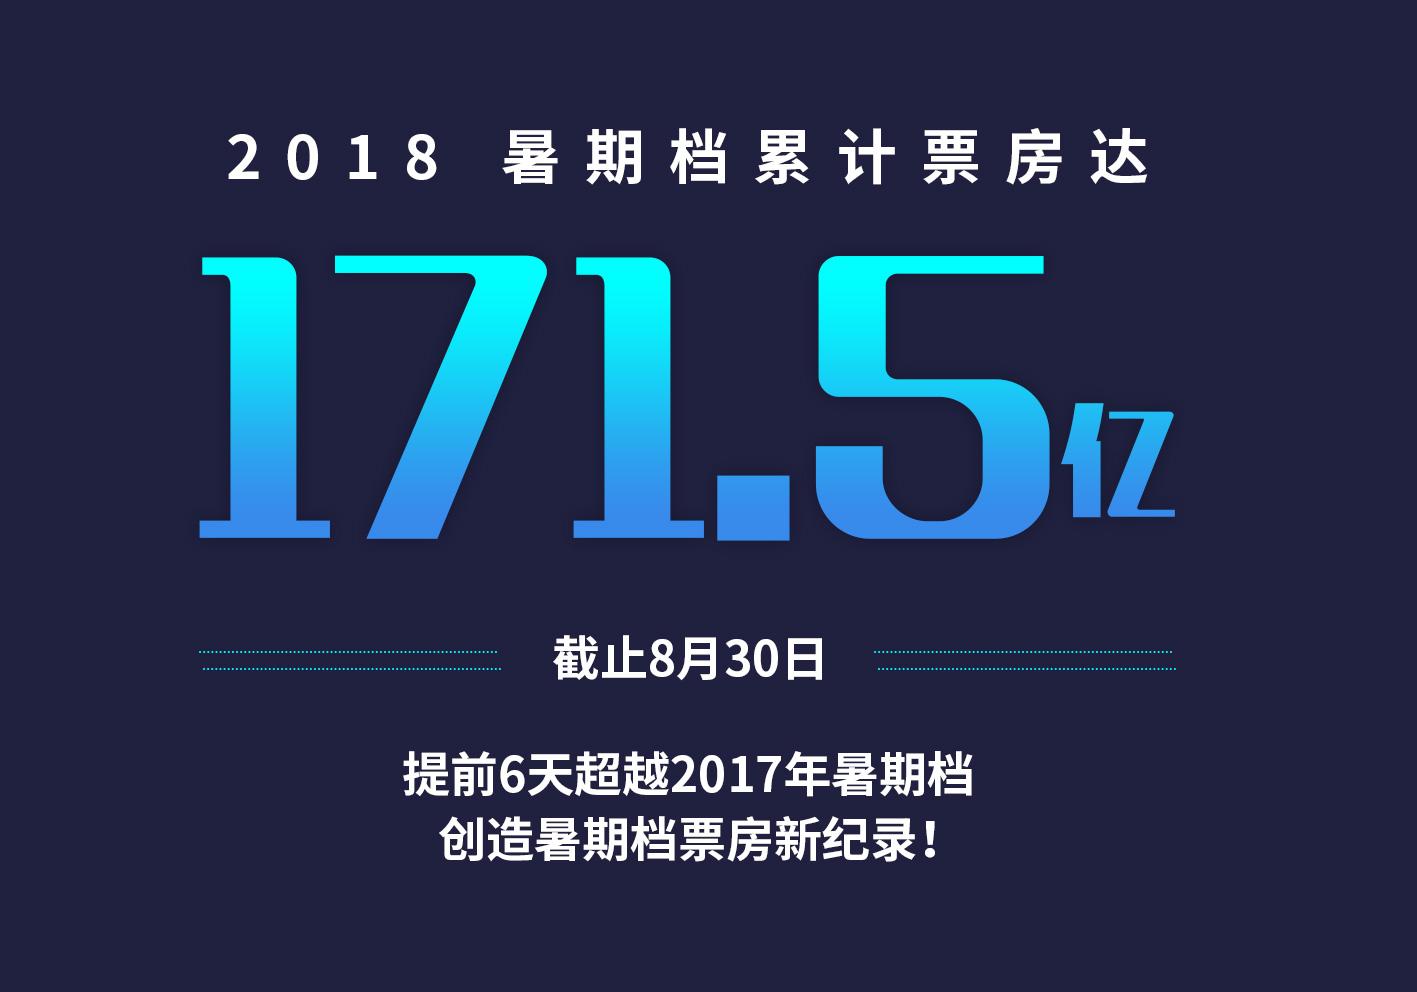 2018全面开花,瑞云助力暑期档创新高